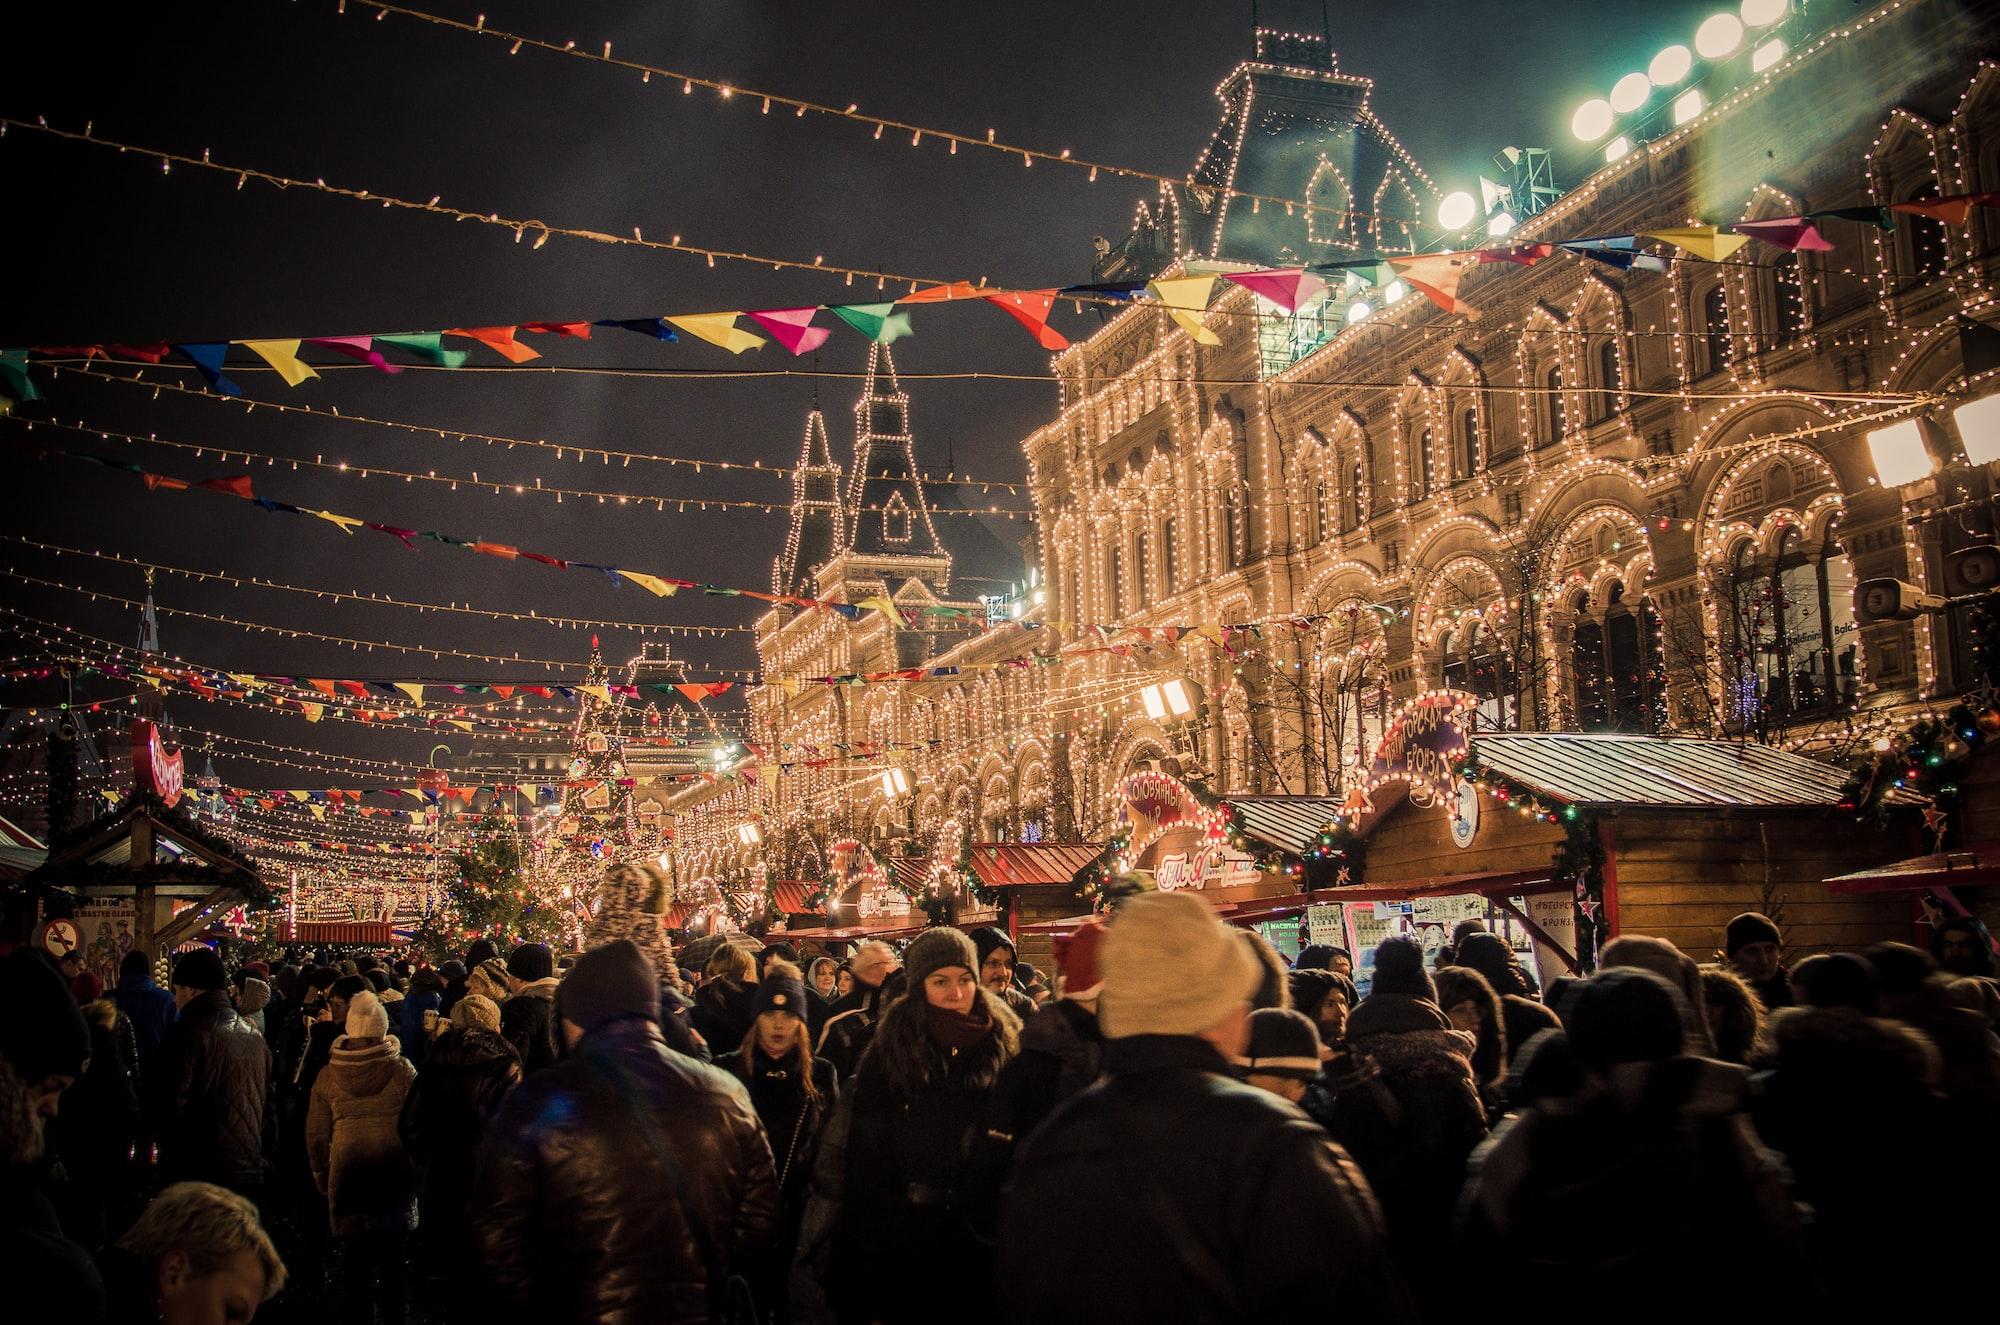 Visita el mercado navideño de Nuremberg 🎄